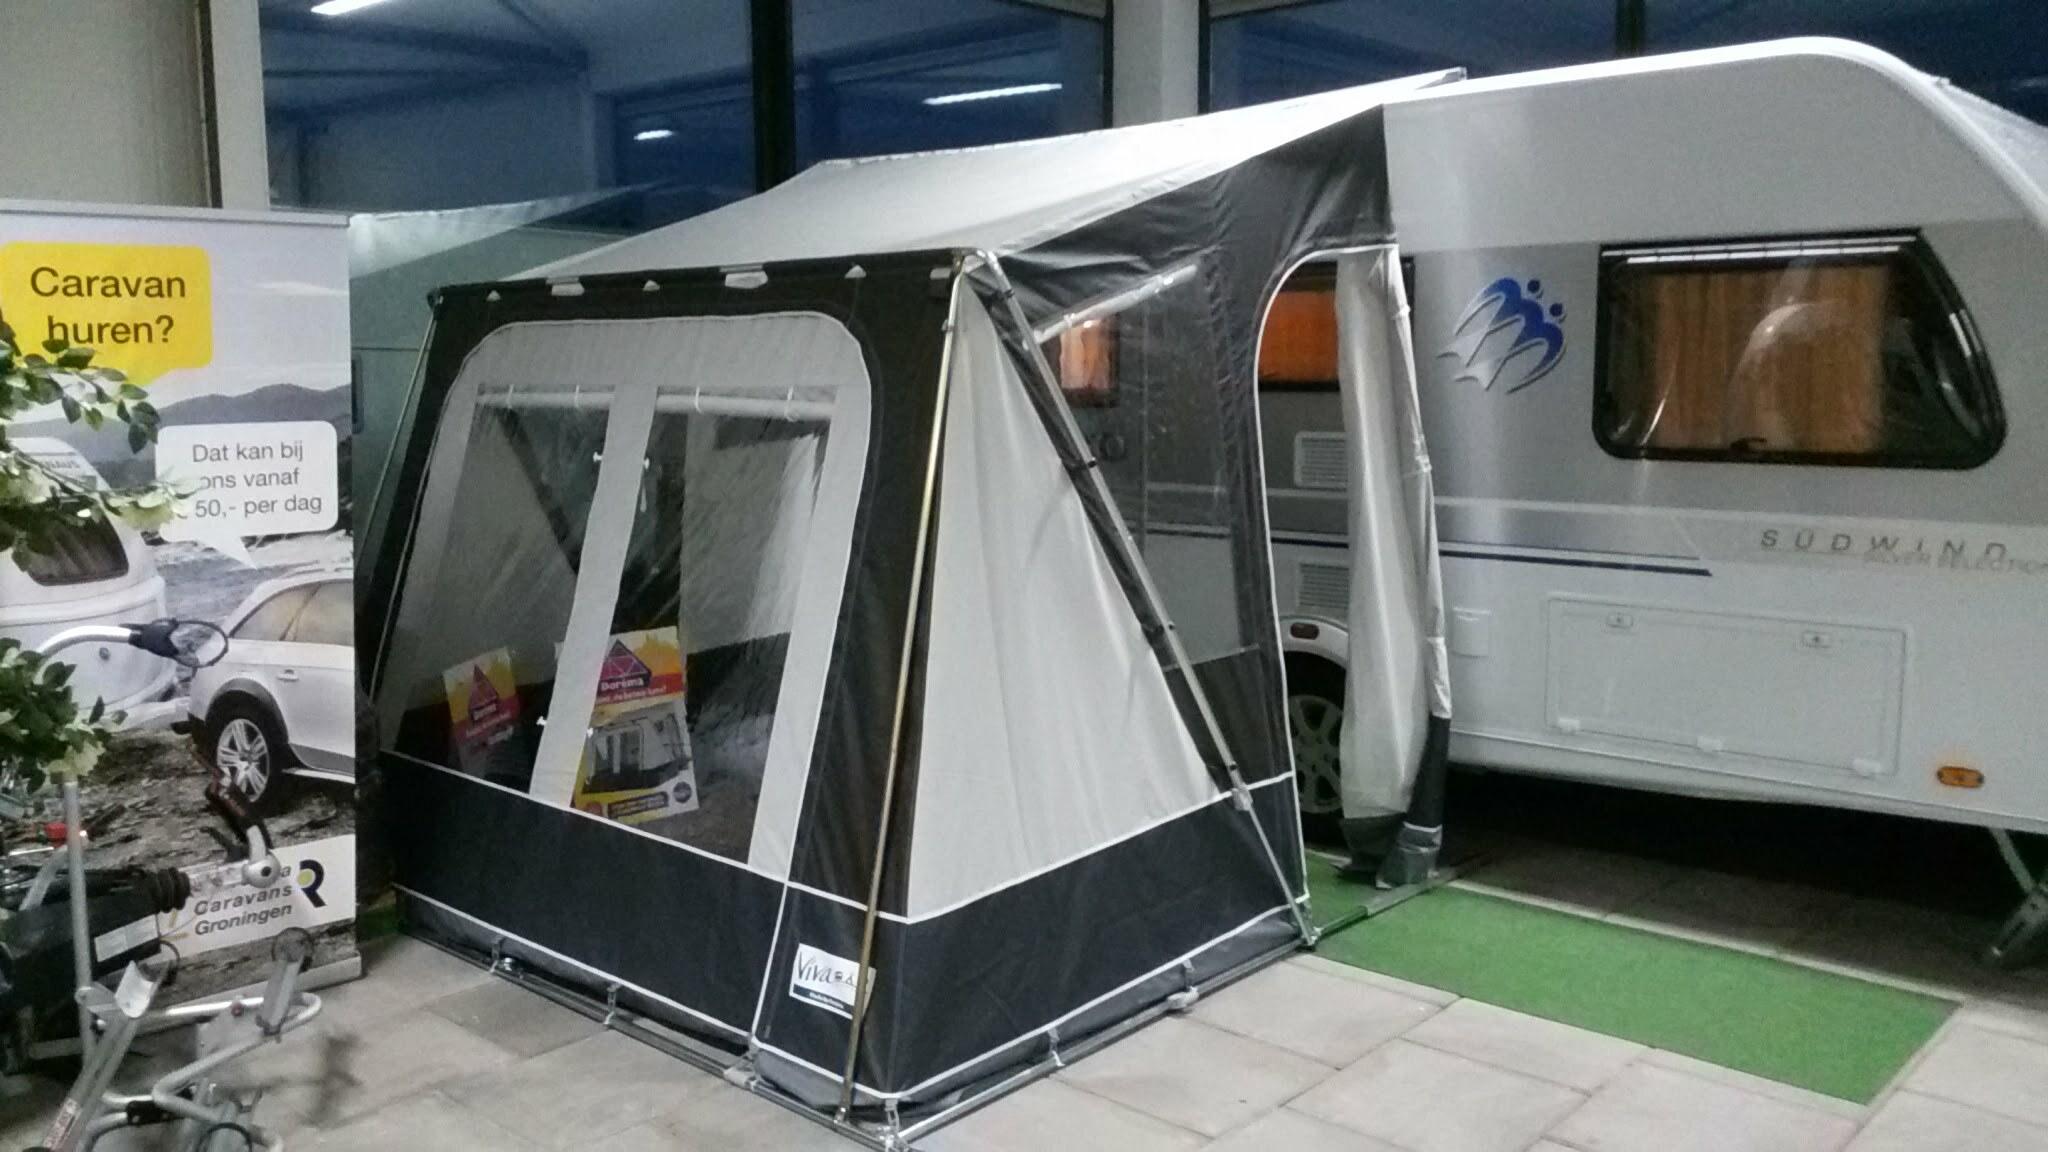 dor ma mistral all season antraciet viva kamperen. Black Bedroom Furniture Sets. Home Design Ideas